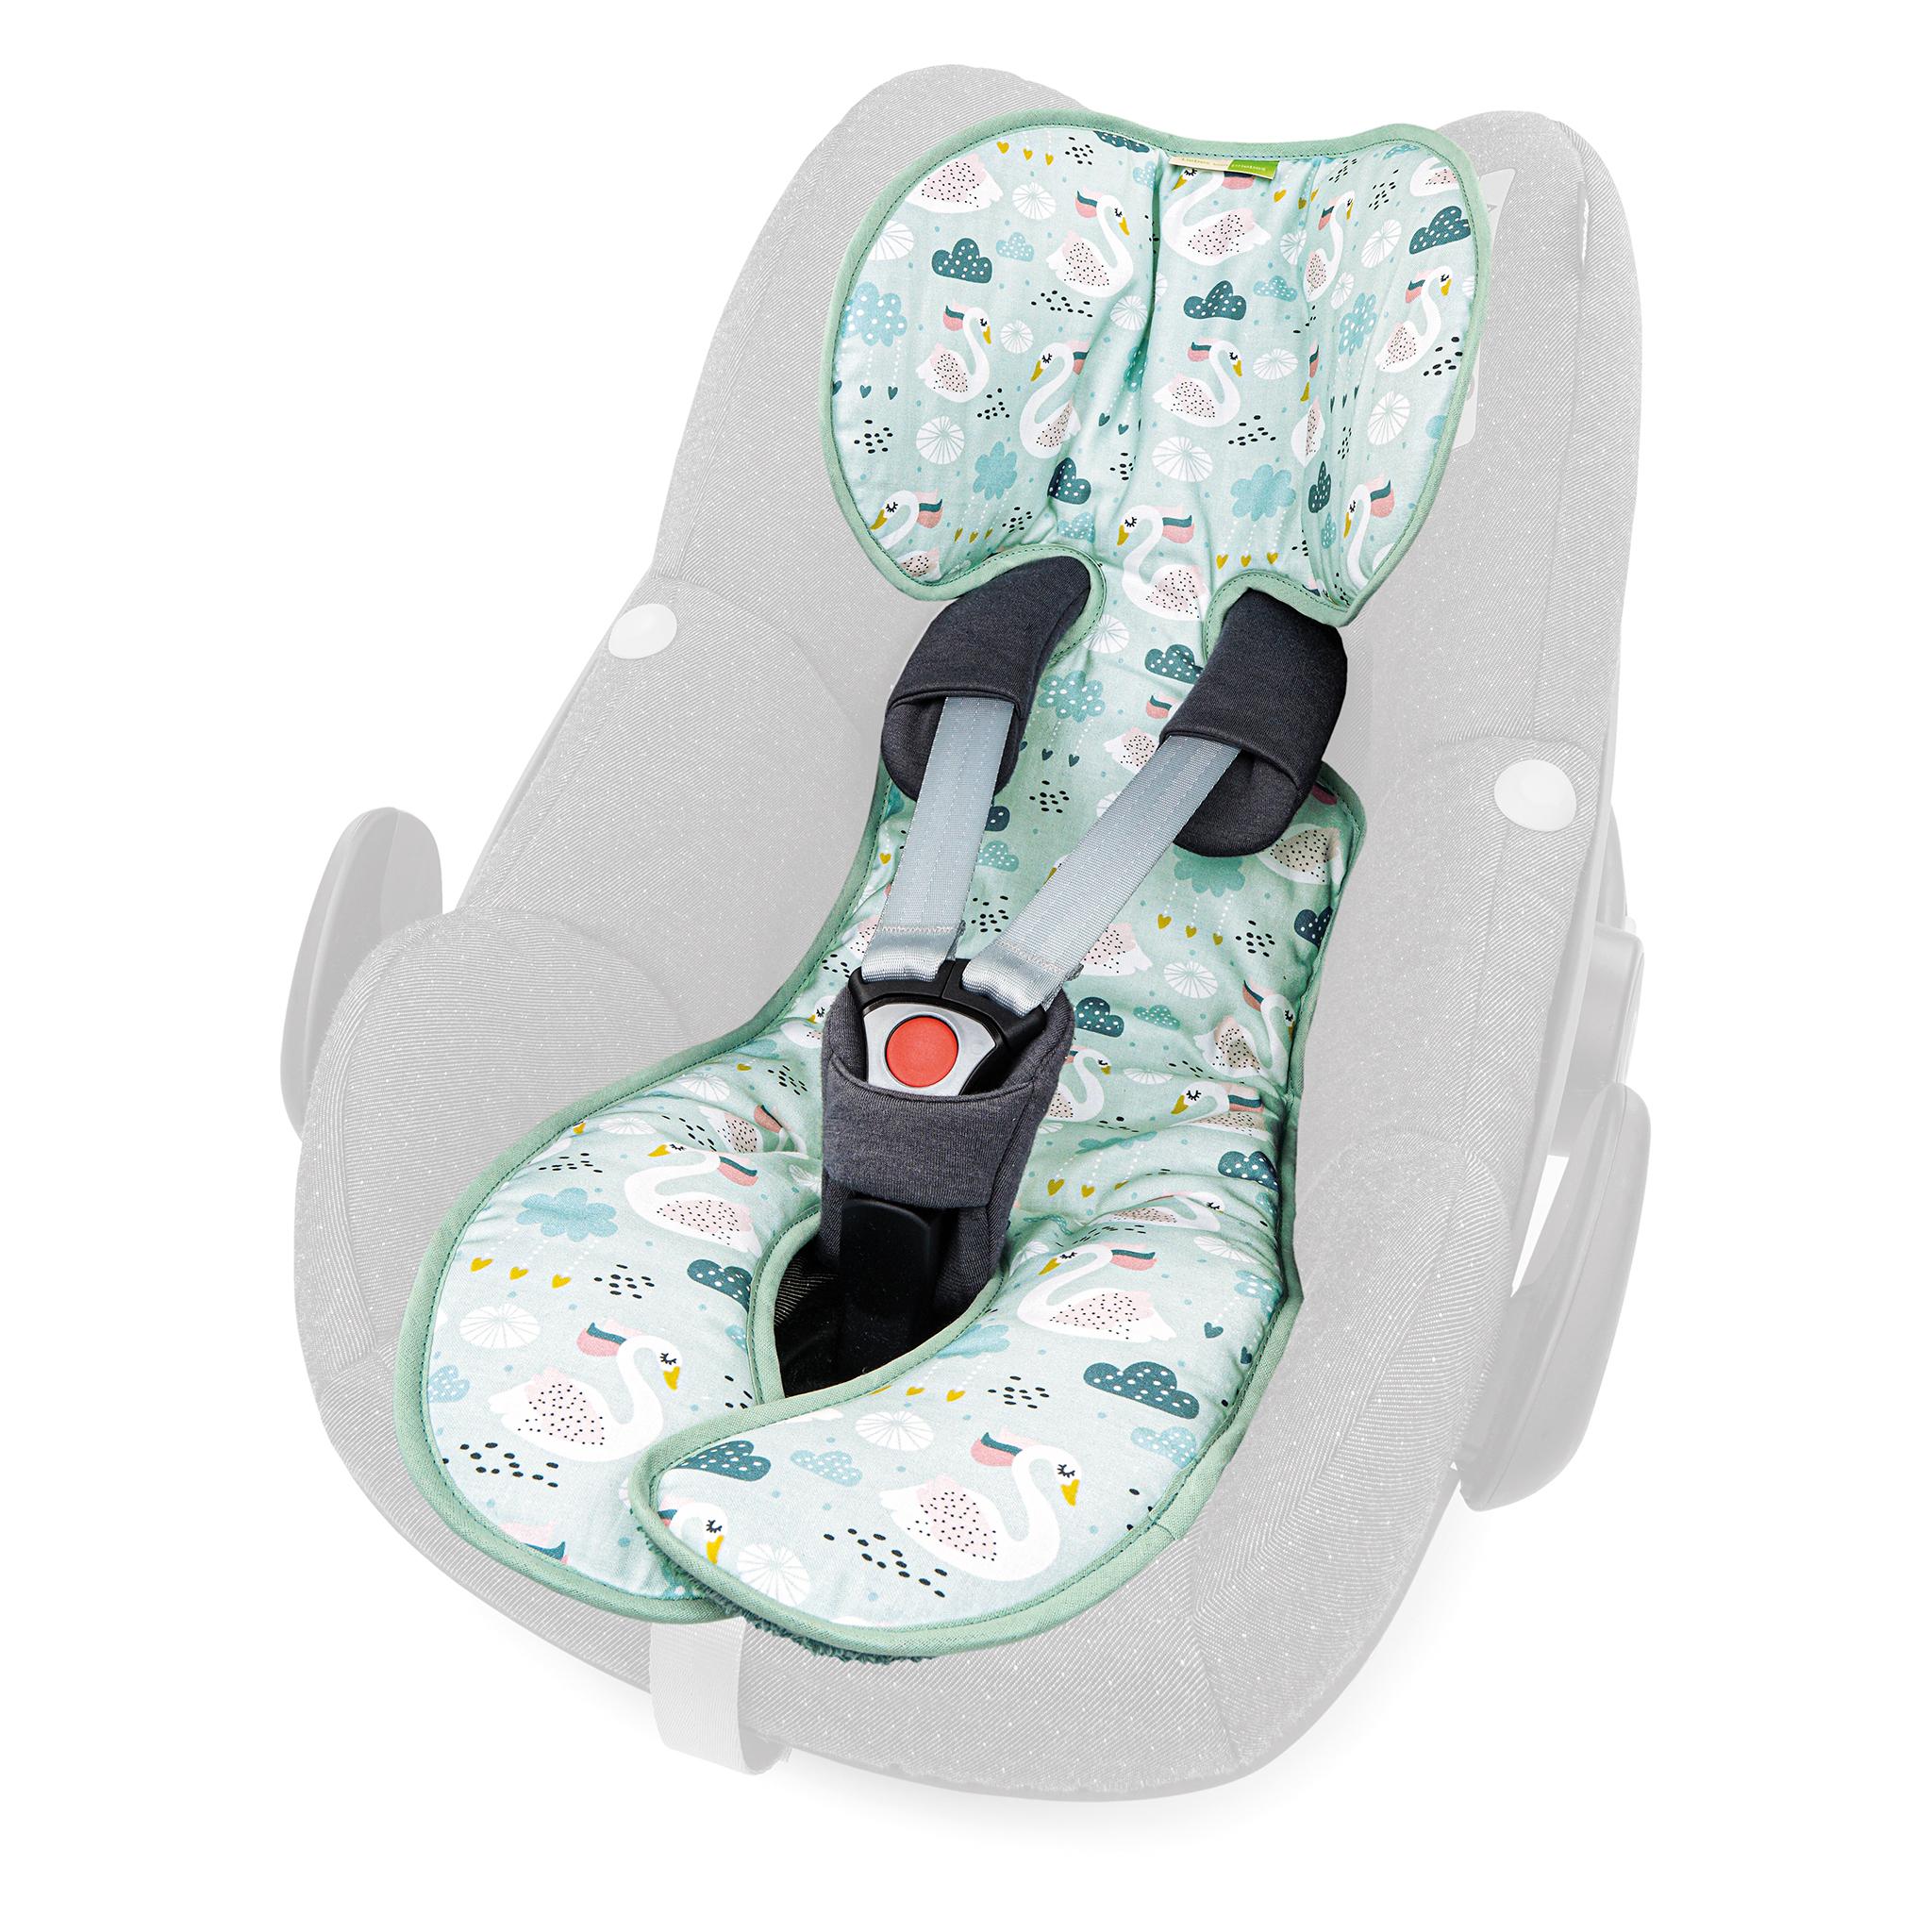 Priebes Sitzauflage Lola für Babyschalen Gruppe 0 mit Aussparung und Easy-out Gurtsystem